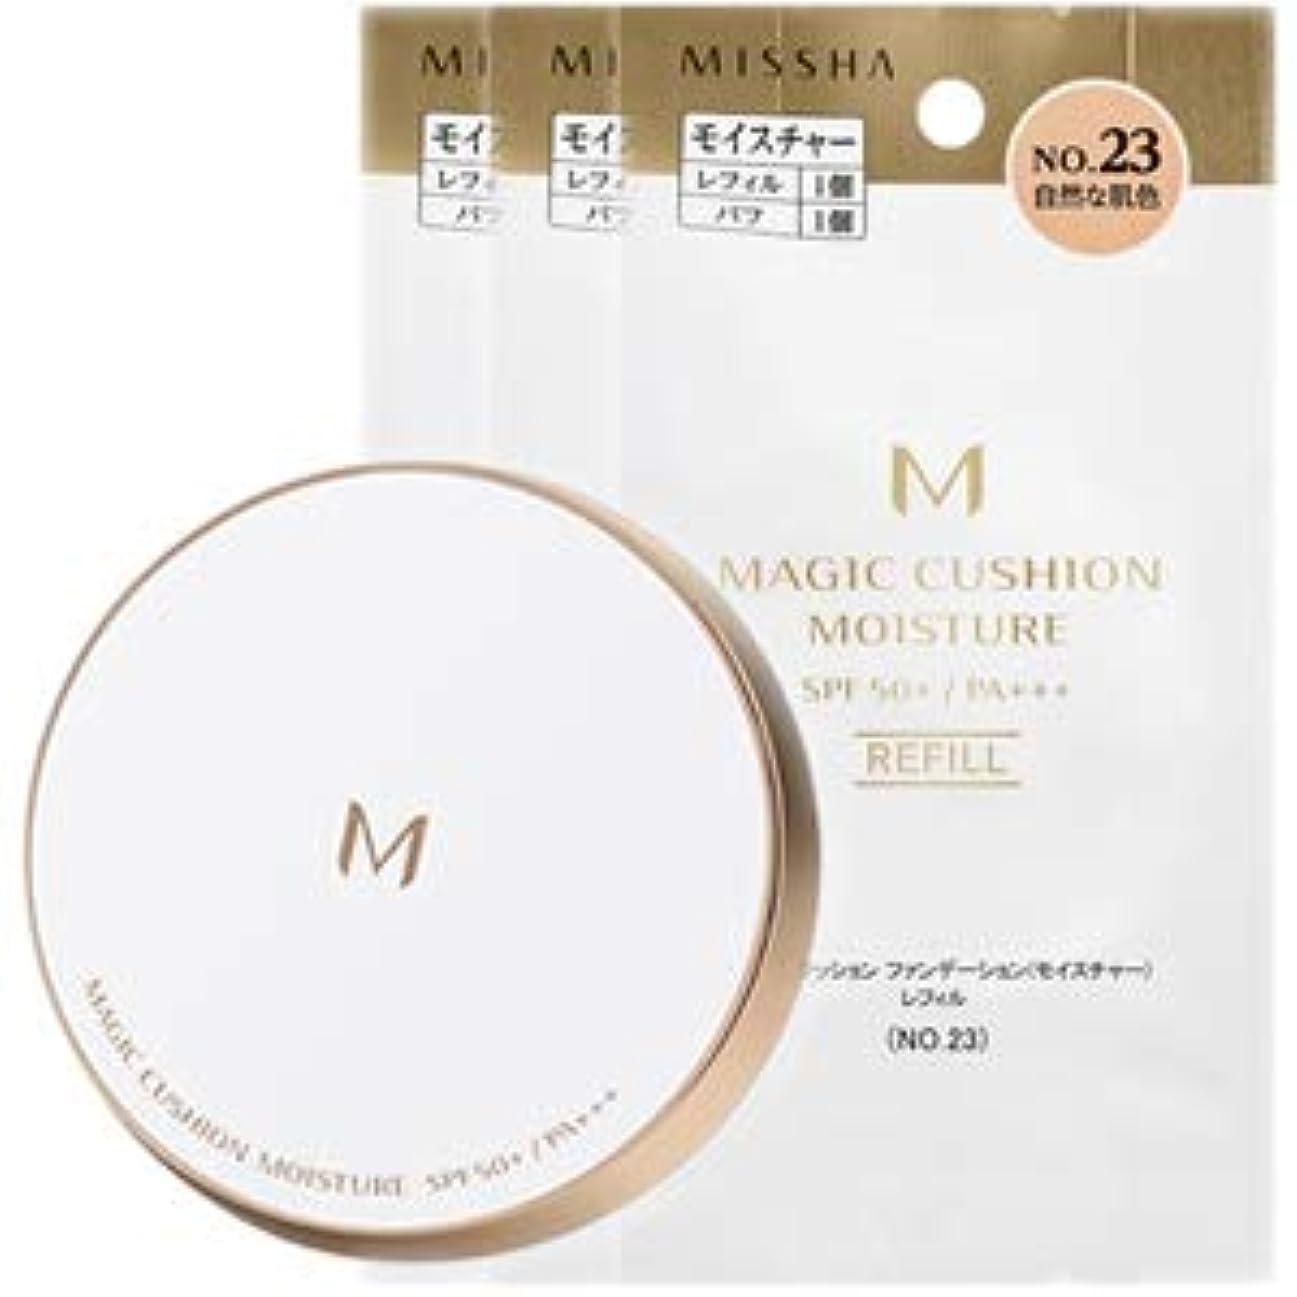 行為石の免除するミシャ M クッション ファンデーション (モイスチャー) No.23 本体 + レフィル 3点セット